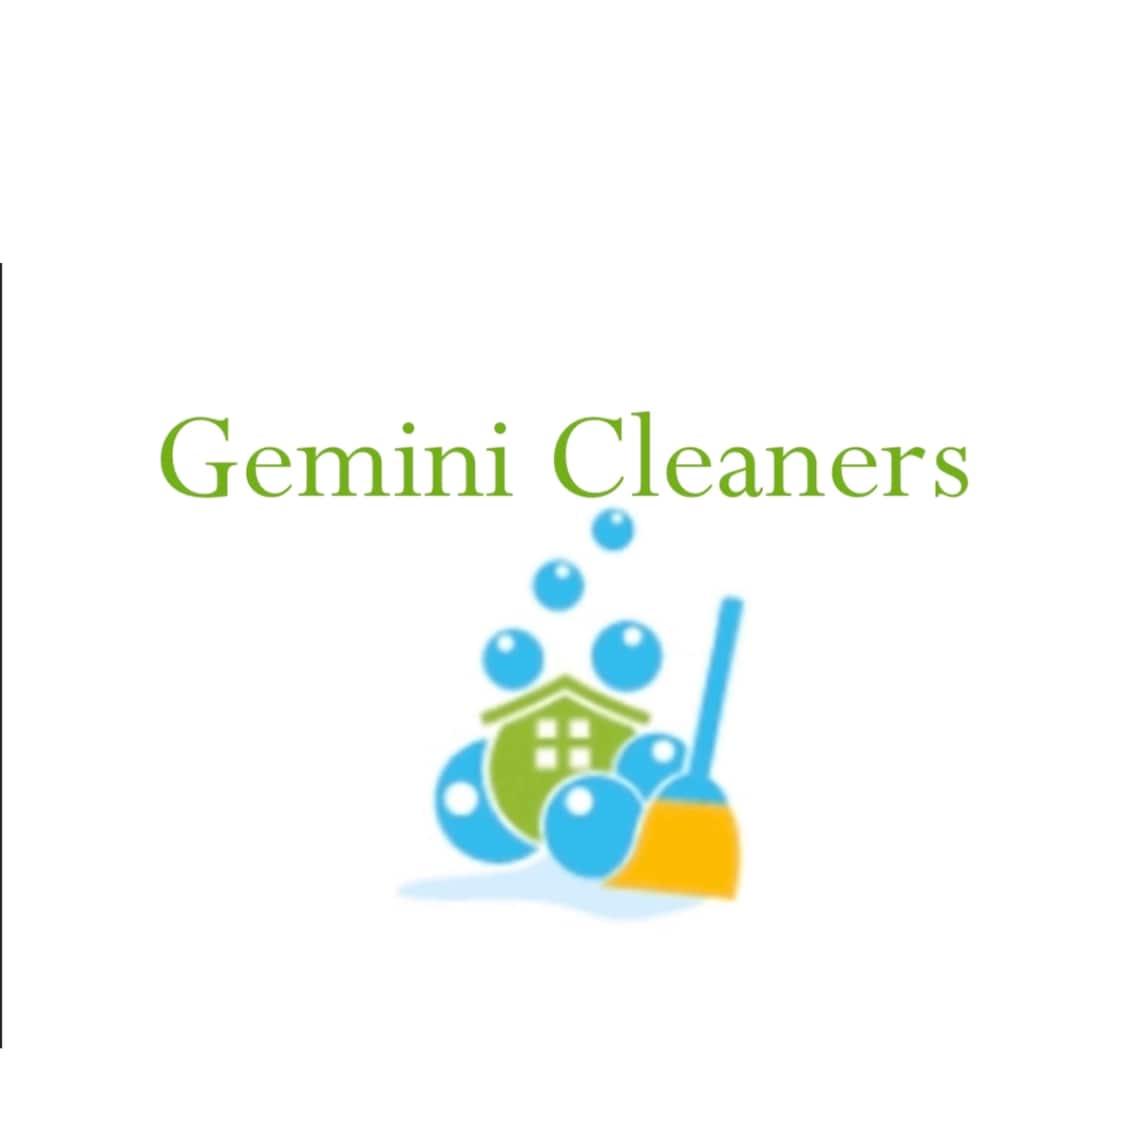 Gemini Cleaners